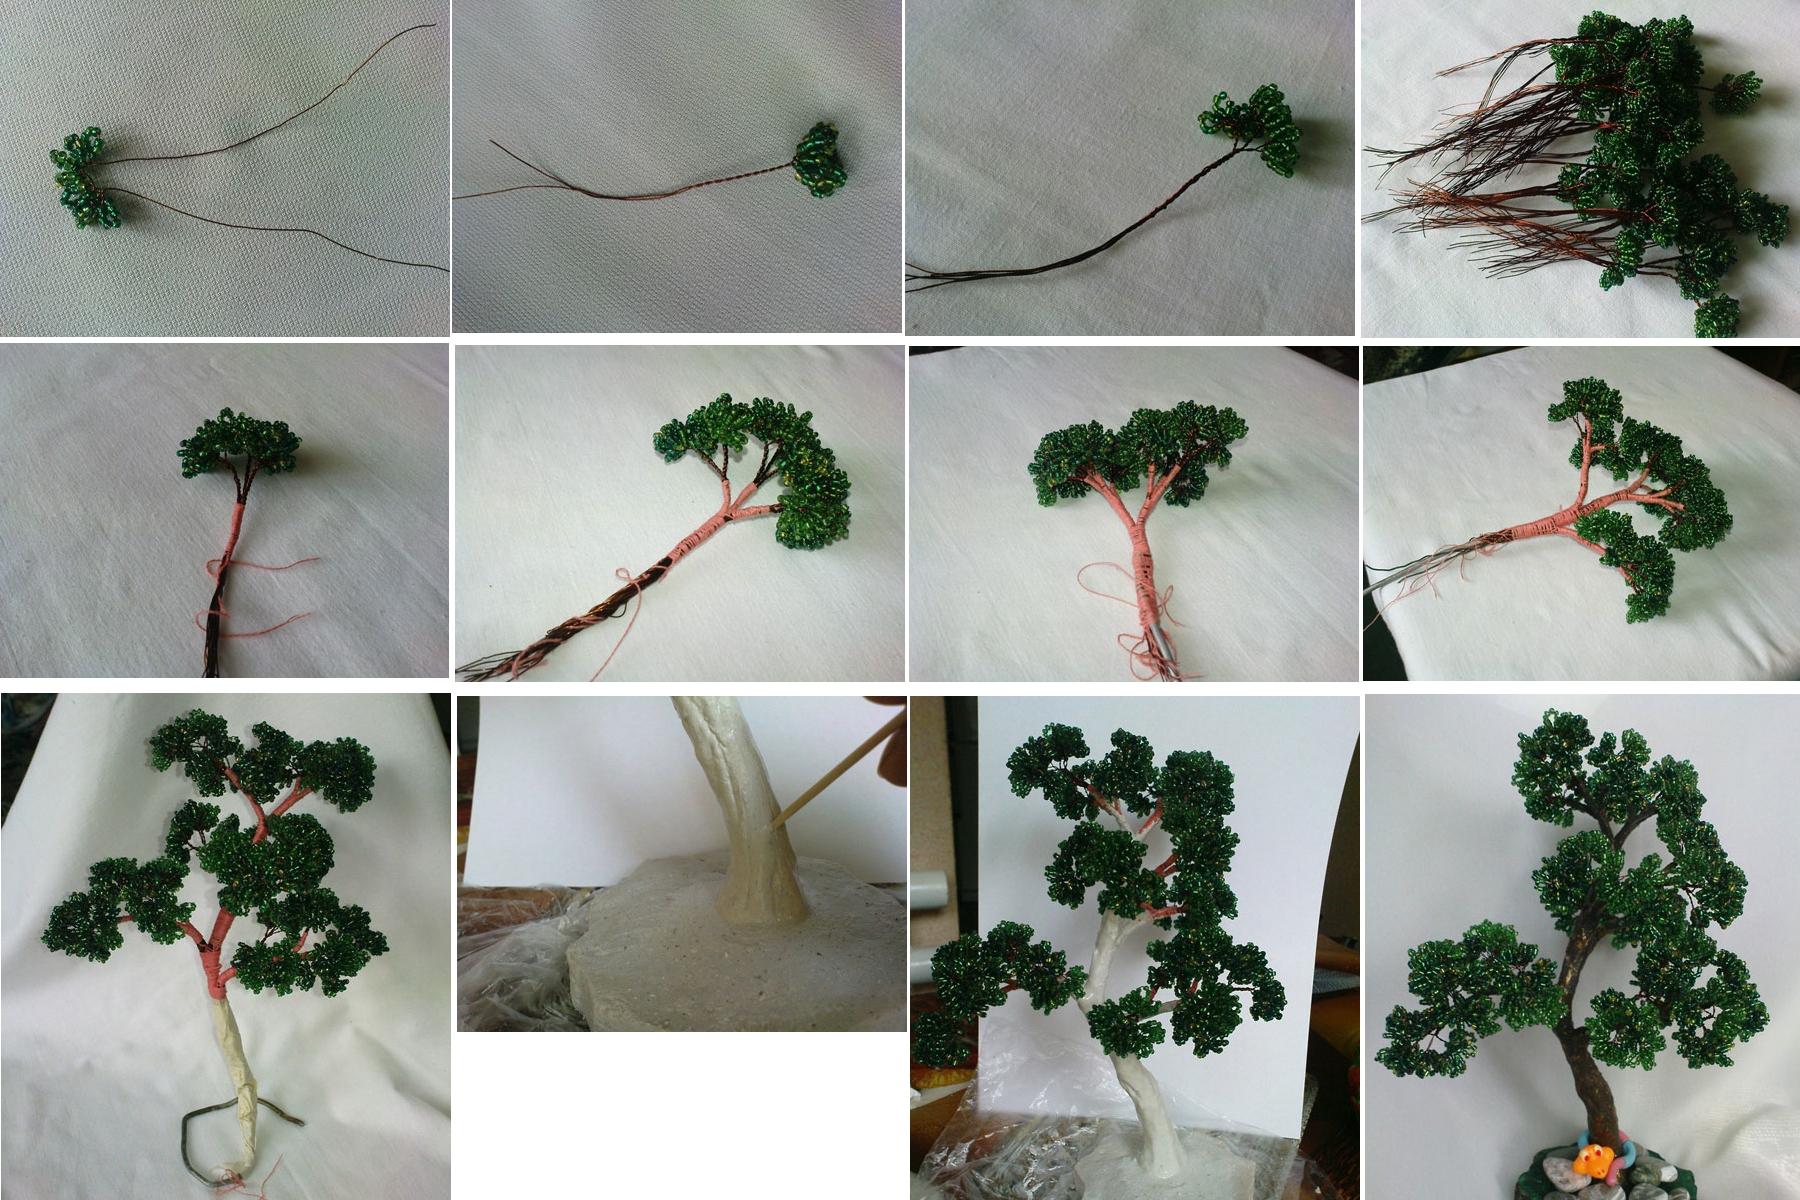 Изготовление дерева бонсай из бисера поэтапно